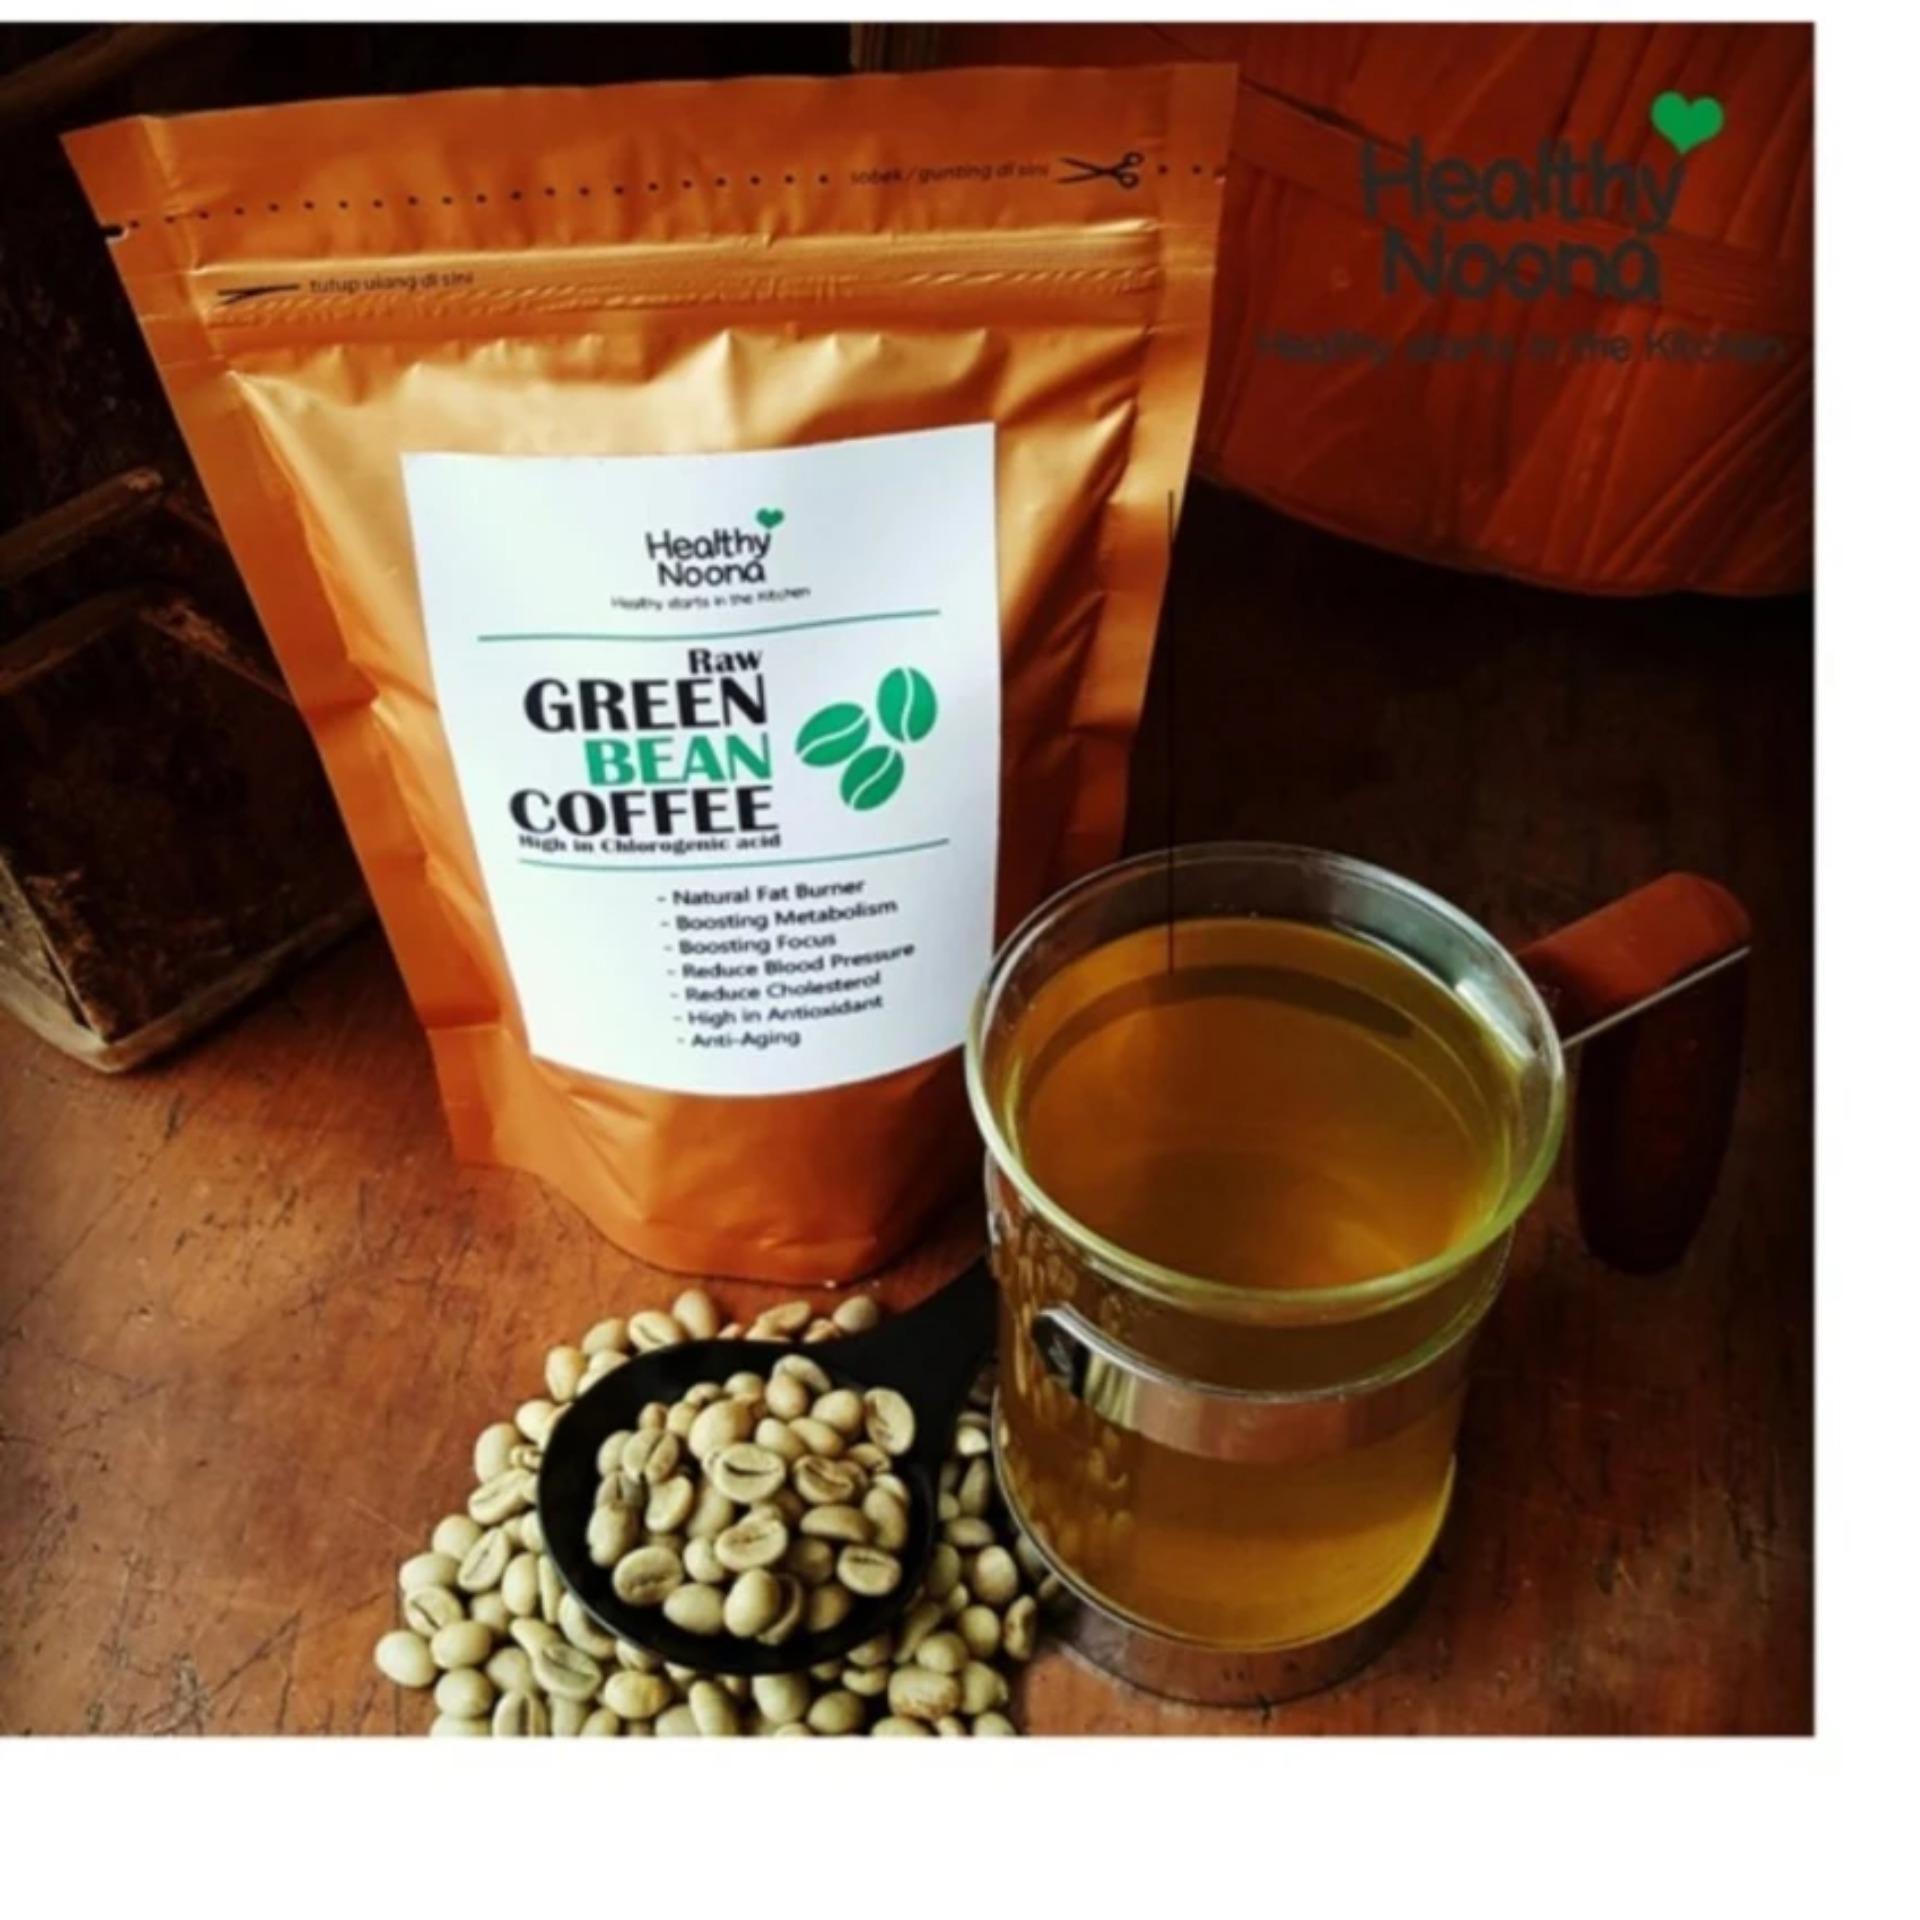 Online Murah Kopi Hijau Green Bean Coffee Natural Fat Burner 250 Gram